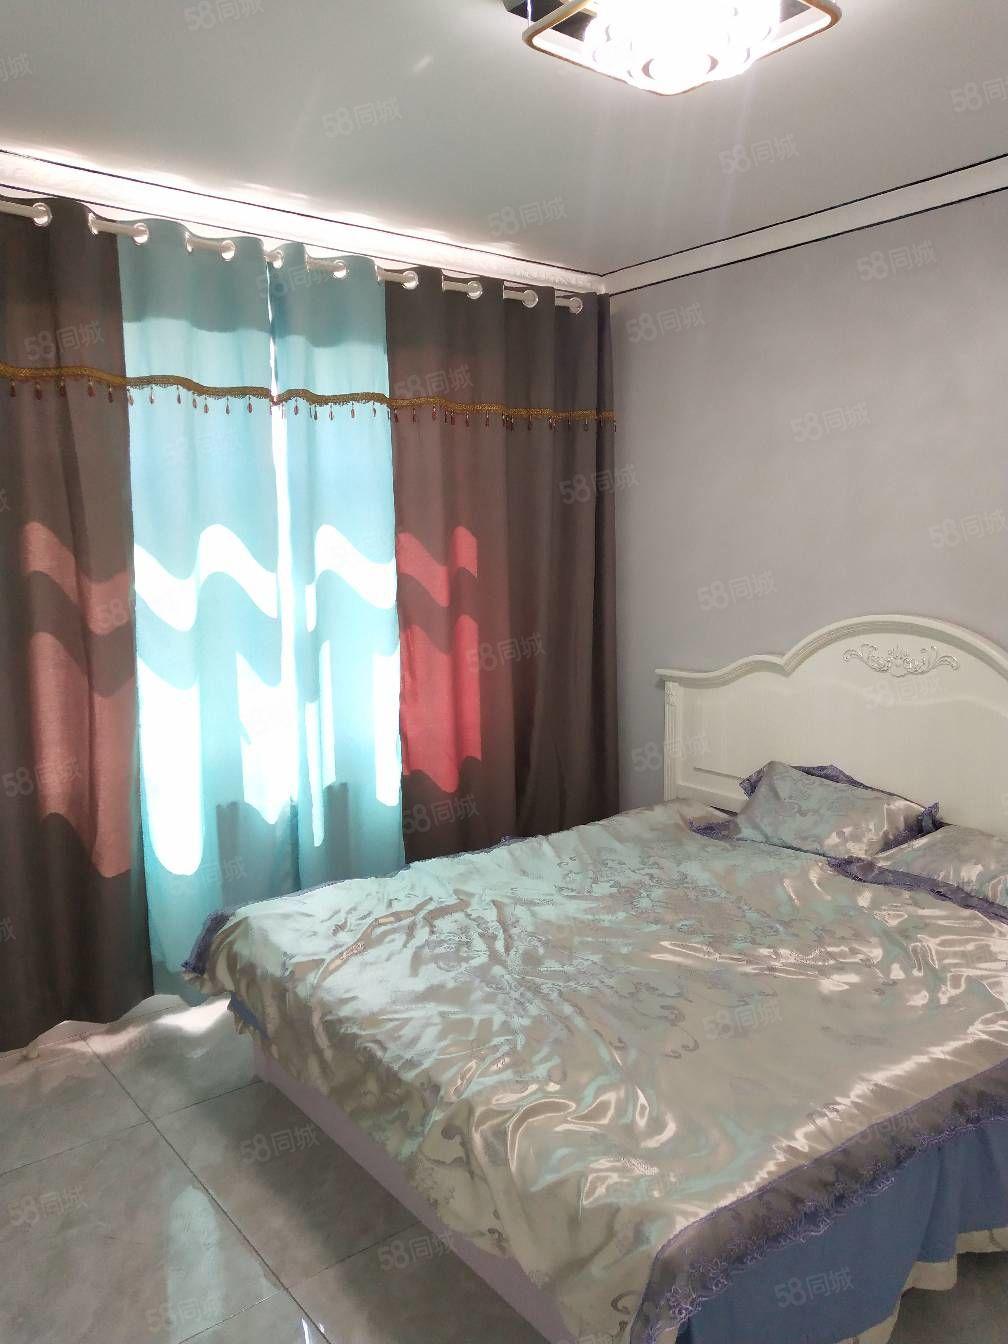 铁路高层鹤城馨苑17楼,精装修带家具,能当婚房,小卧室榻榻米